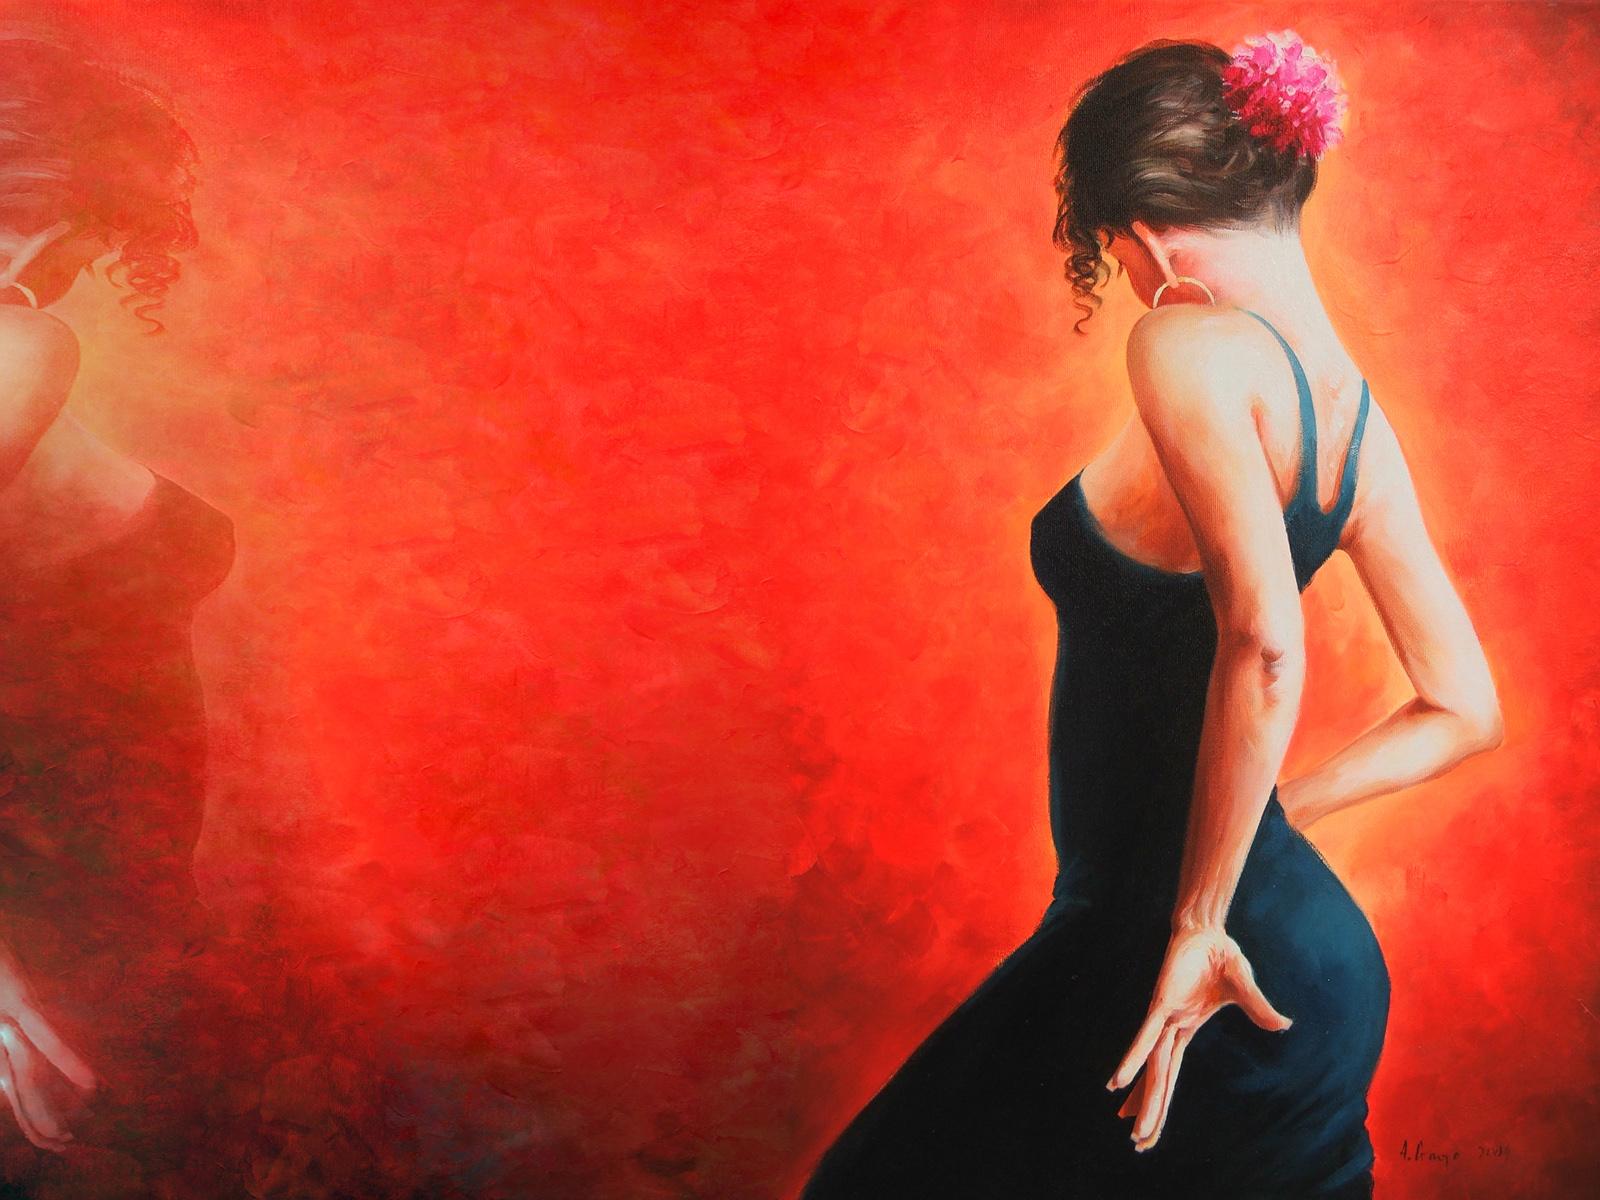 У женщин испанского происхождения выше риск заболевания раком молочной железы